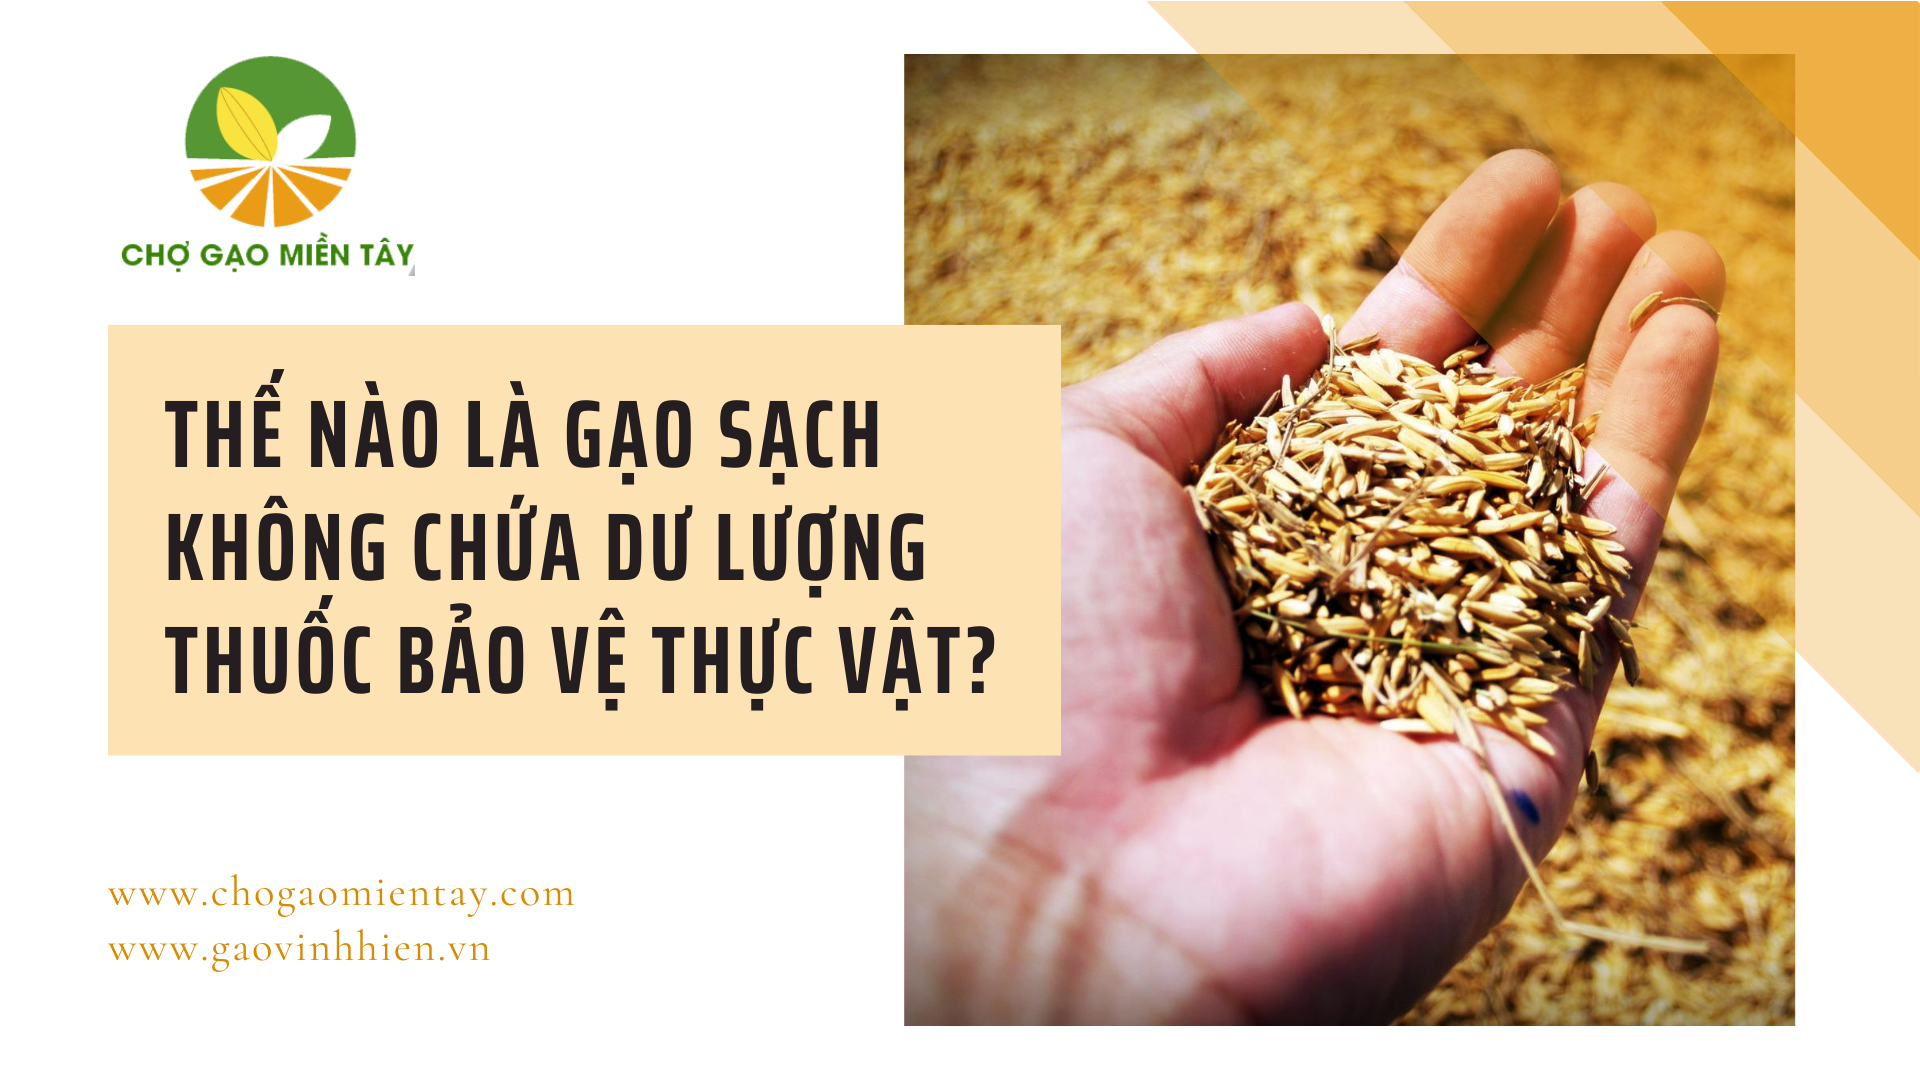 Gạo không chứa dư lượng thuốc trừ sâu